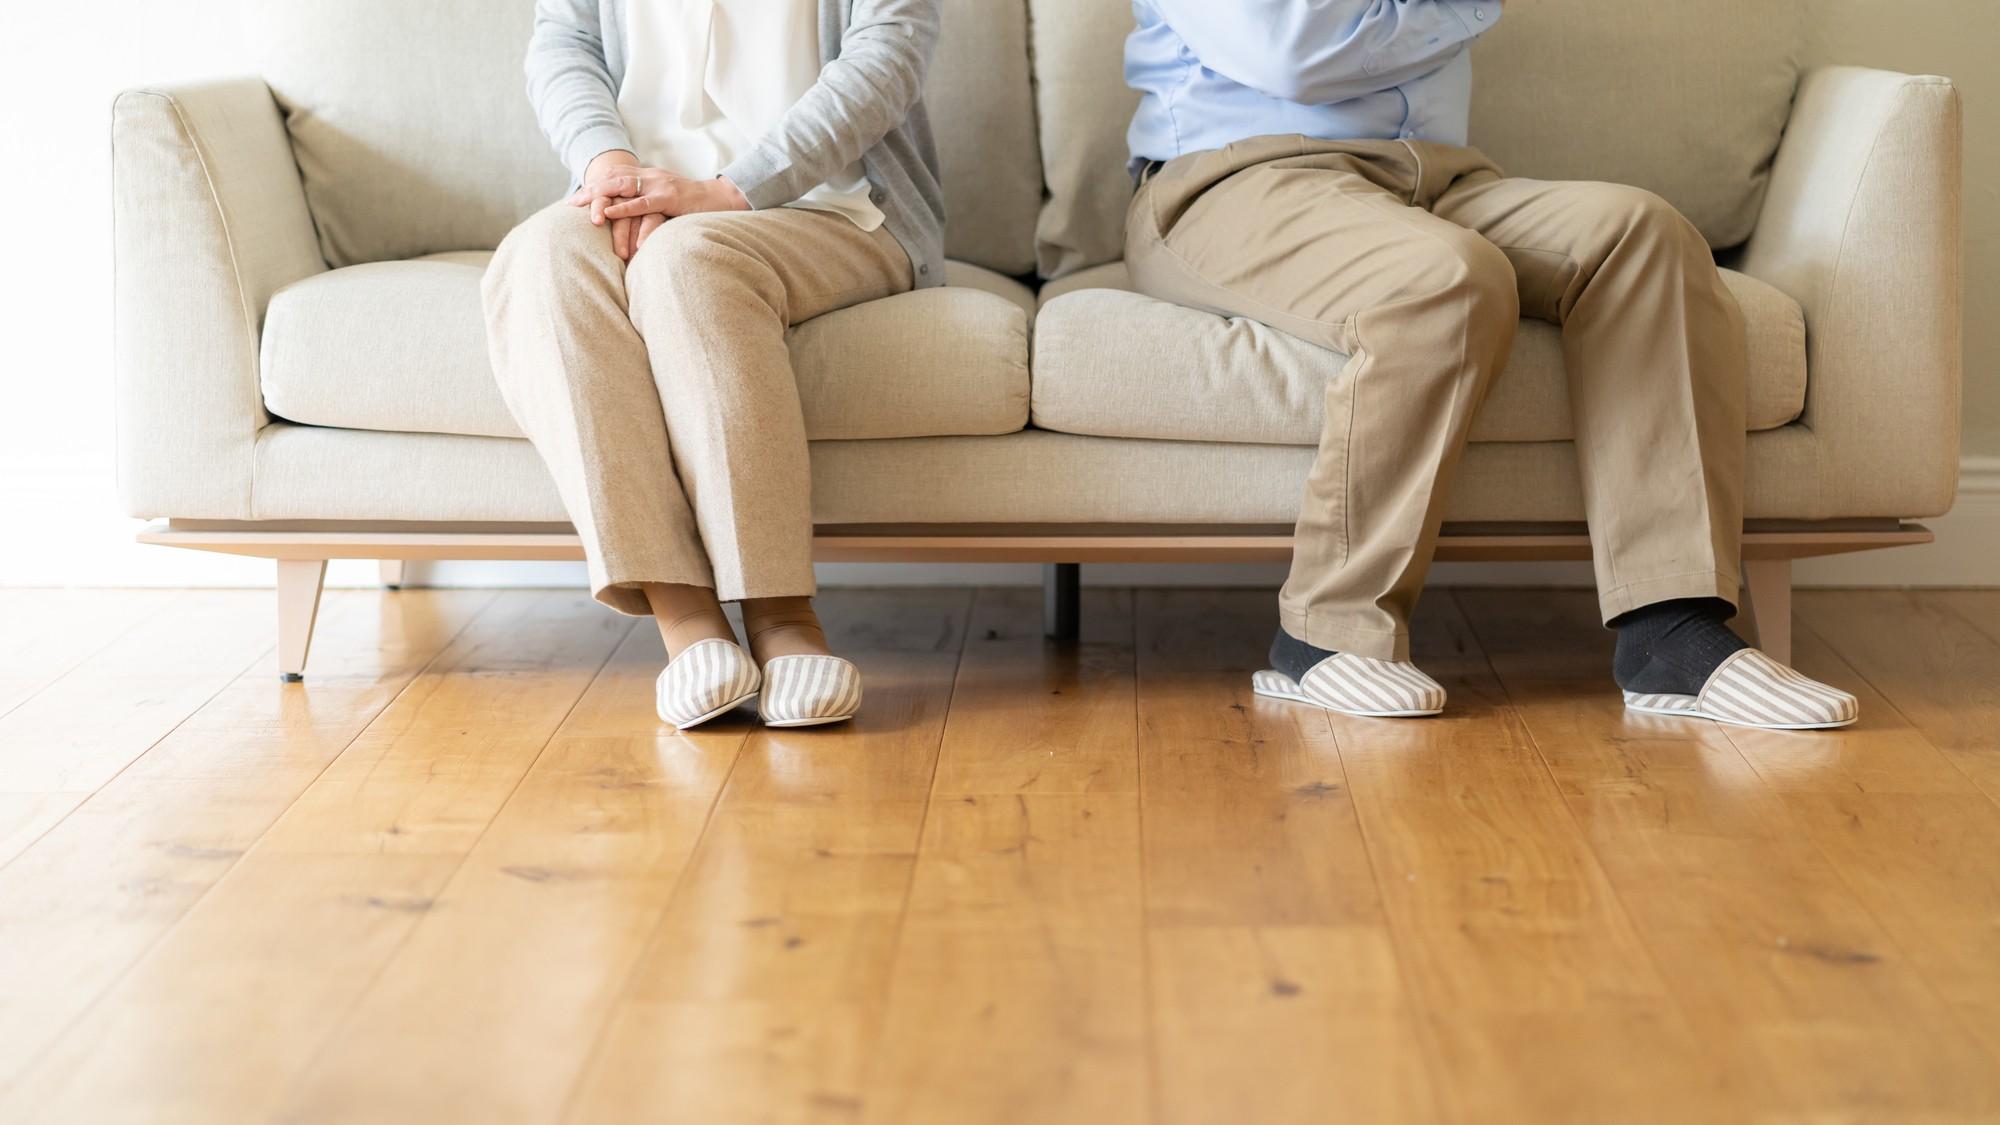 離婚した父が急死…実子も言葉を失った「あまりのゲスっぷり」